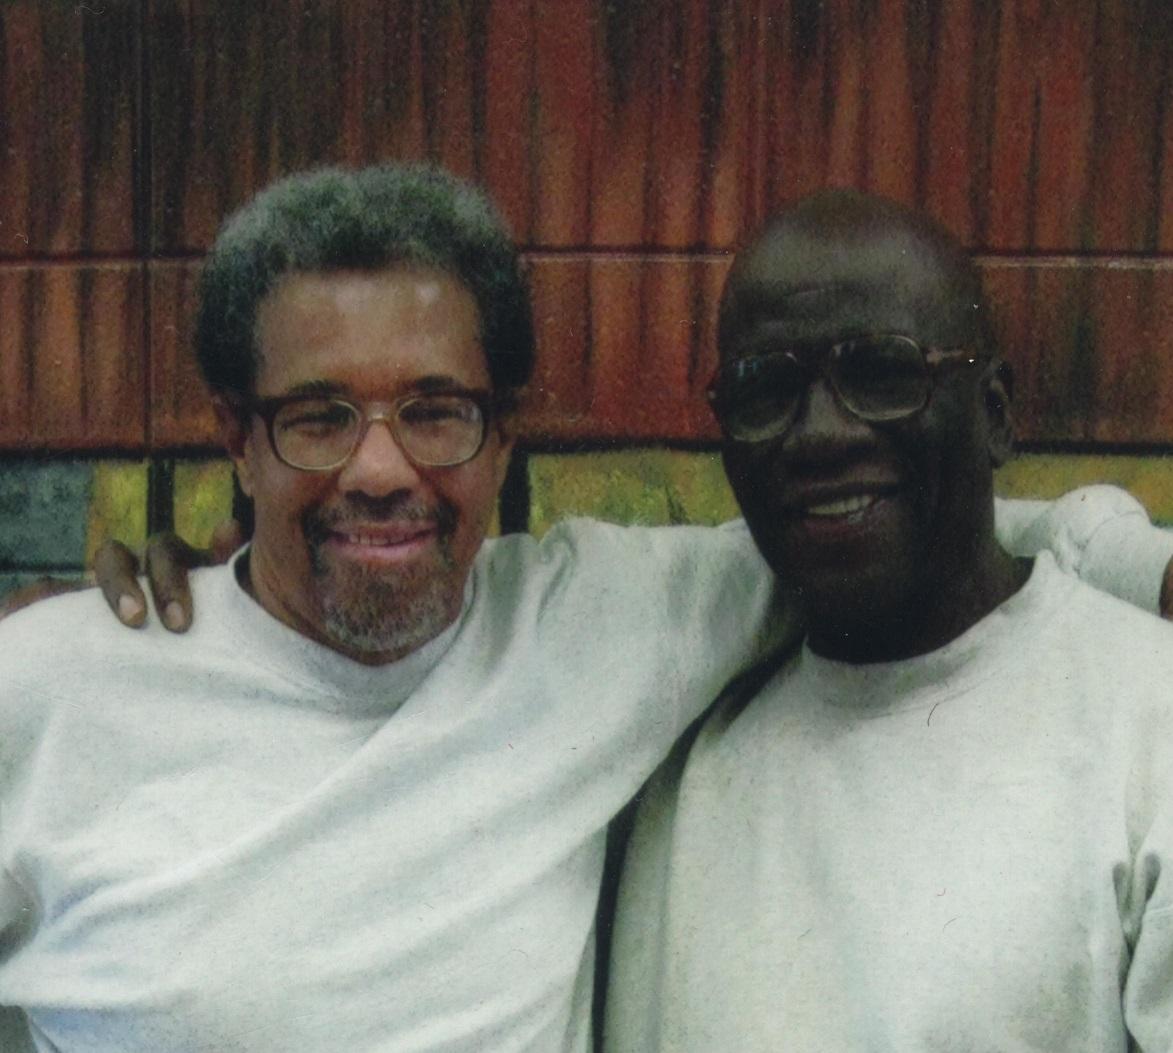 Usa, liberato Albert Woodfox il detenuto da 43 anni in isolamento totale